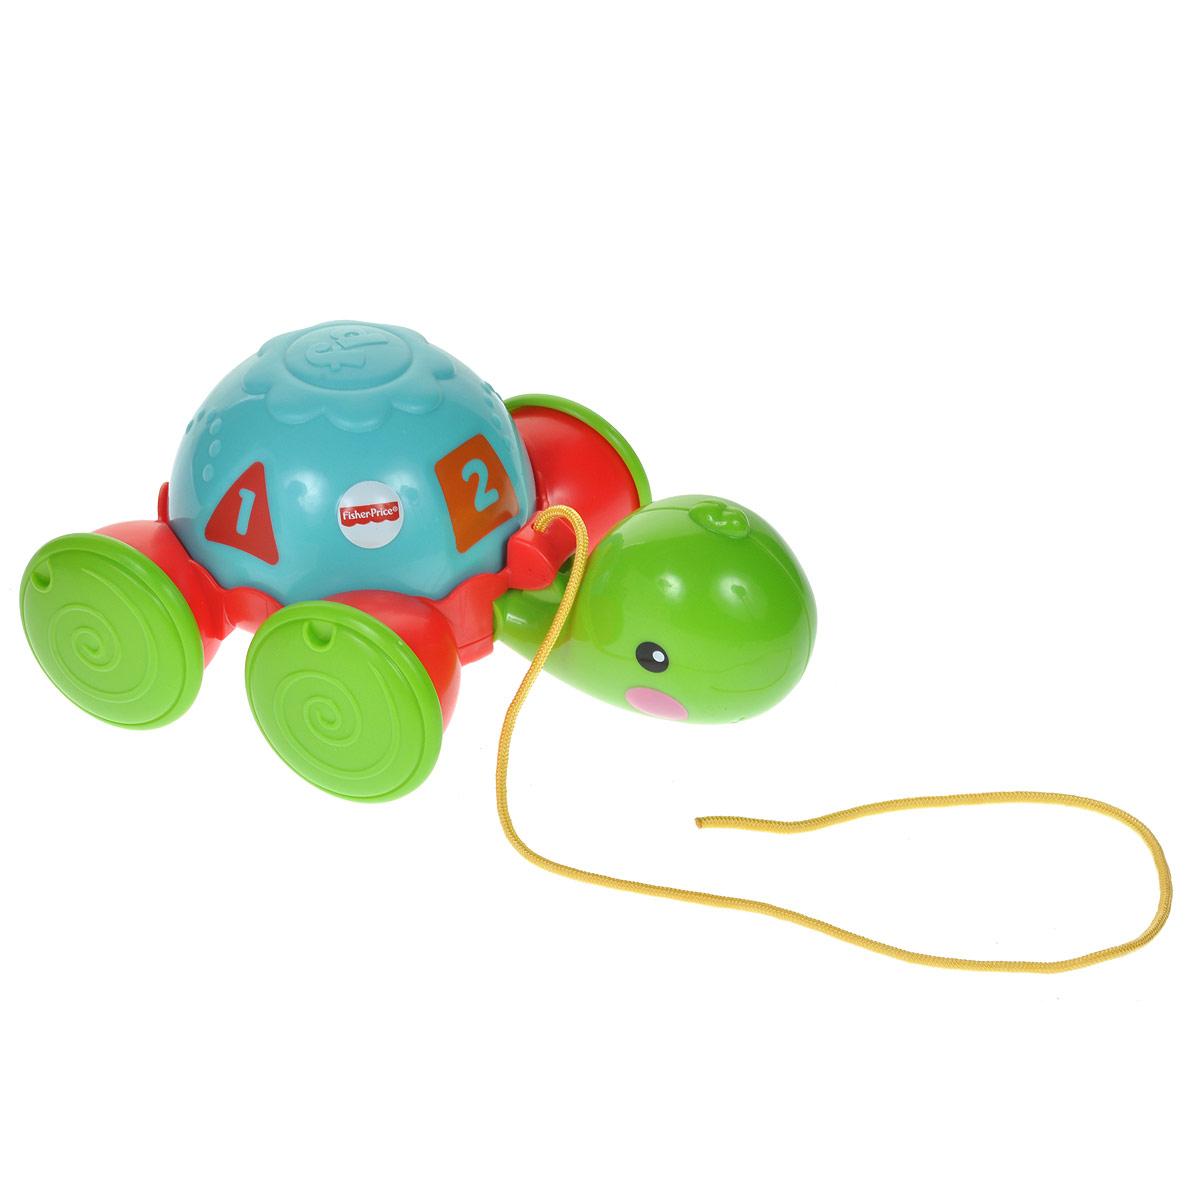 Fisher-Price Infant Каталка Обучающая черепашка на колесикахY8652Яркая игрушка-каталка Fisher-Price Infant Обучающая черепашка на колесиках непременно понравится вашему малышу и подойдет для игры как дома, так и на свежем воздухе. Игрушка со выполнена из прочного пластика ярких цветов в виде симпатичной черепашки на колесиках. Свободно вращающийся панцирь черепашки оформлен четырьмя геометрическими фигурами разных цветов, в центре которых находится цифра от 1 до 4. Выпуклые детали корпуса помогут малышу научиться различать разные цвета, формы и цифры. Ребенок сможет катать игрушку, потянув за текстильный шнурок. Во время движения черепашка забавно кивает головой. Игрушка-каталка Fisher-Price Infant Обучающая черепашка на колесиках развивает пространственное мышление, цветовое восприятие, тактильные ощущения, ловкость и координацию движений.